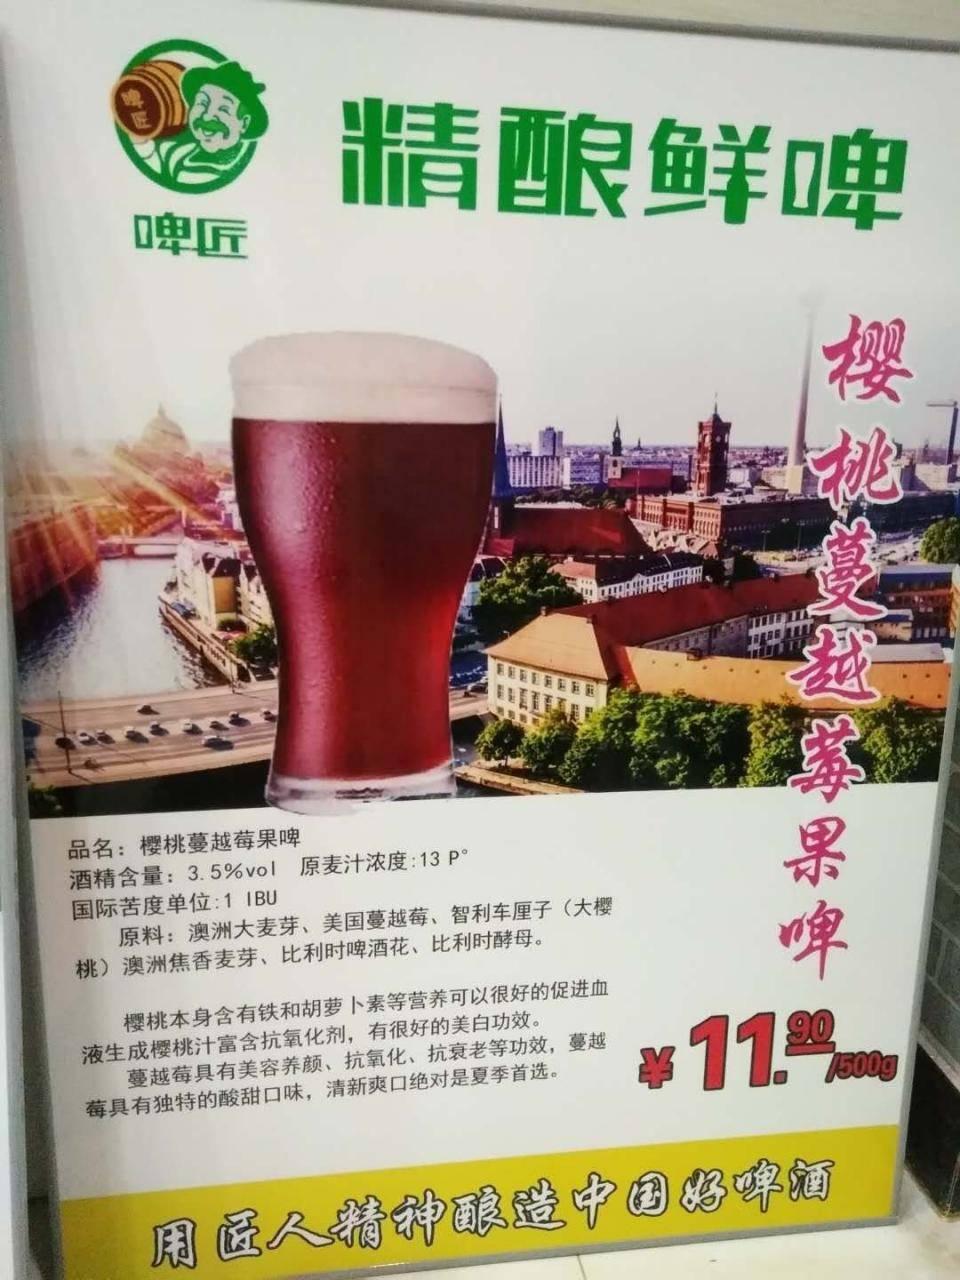 精酿啤酒文化来源-突然间,精酿啤酒开始流行,为什么-大麦丫-精酿啤酒连锁超市,工厂店平价酒吧免费加盟